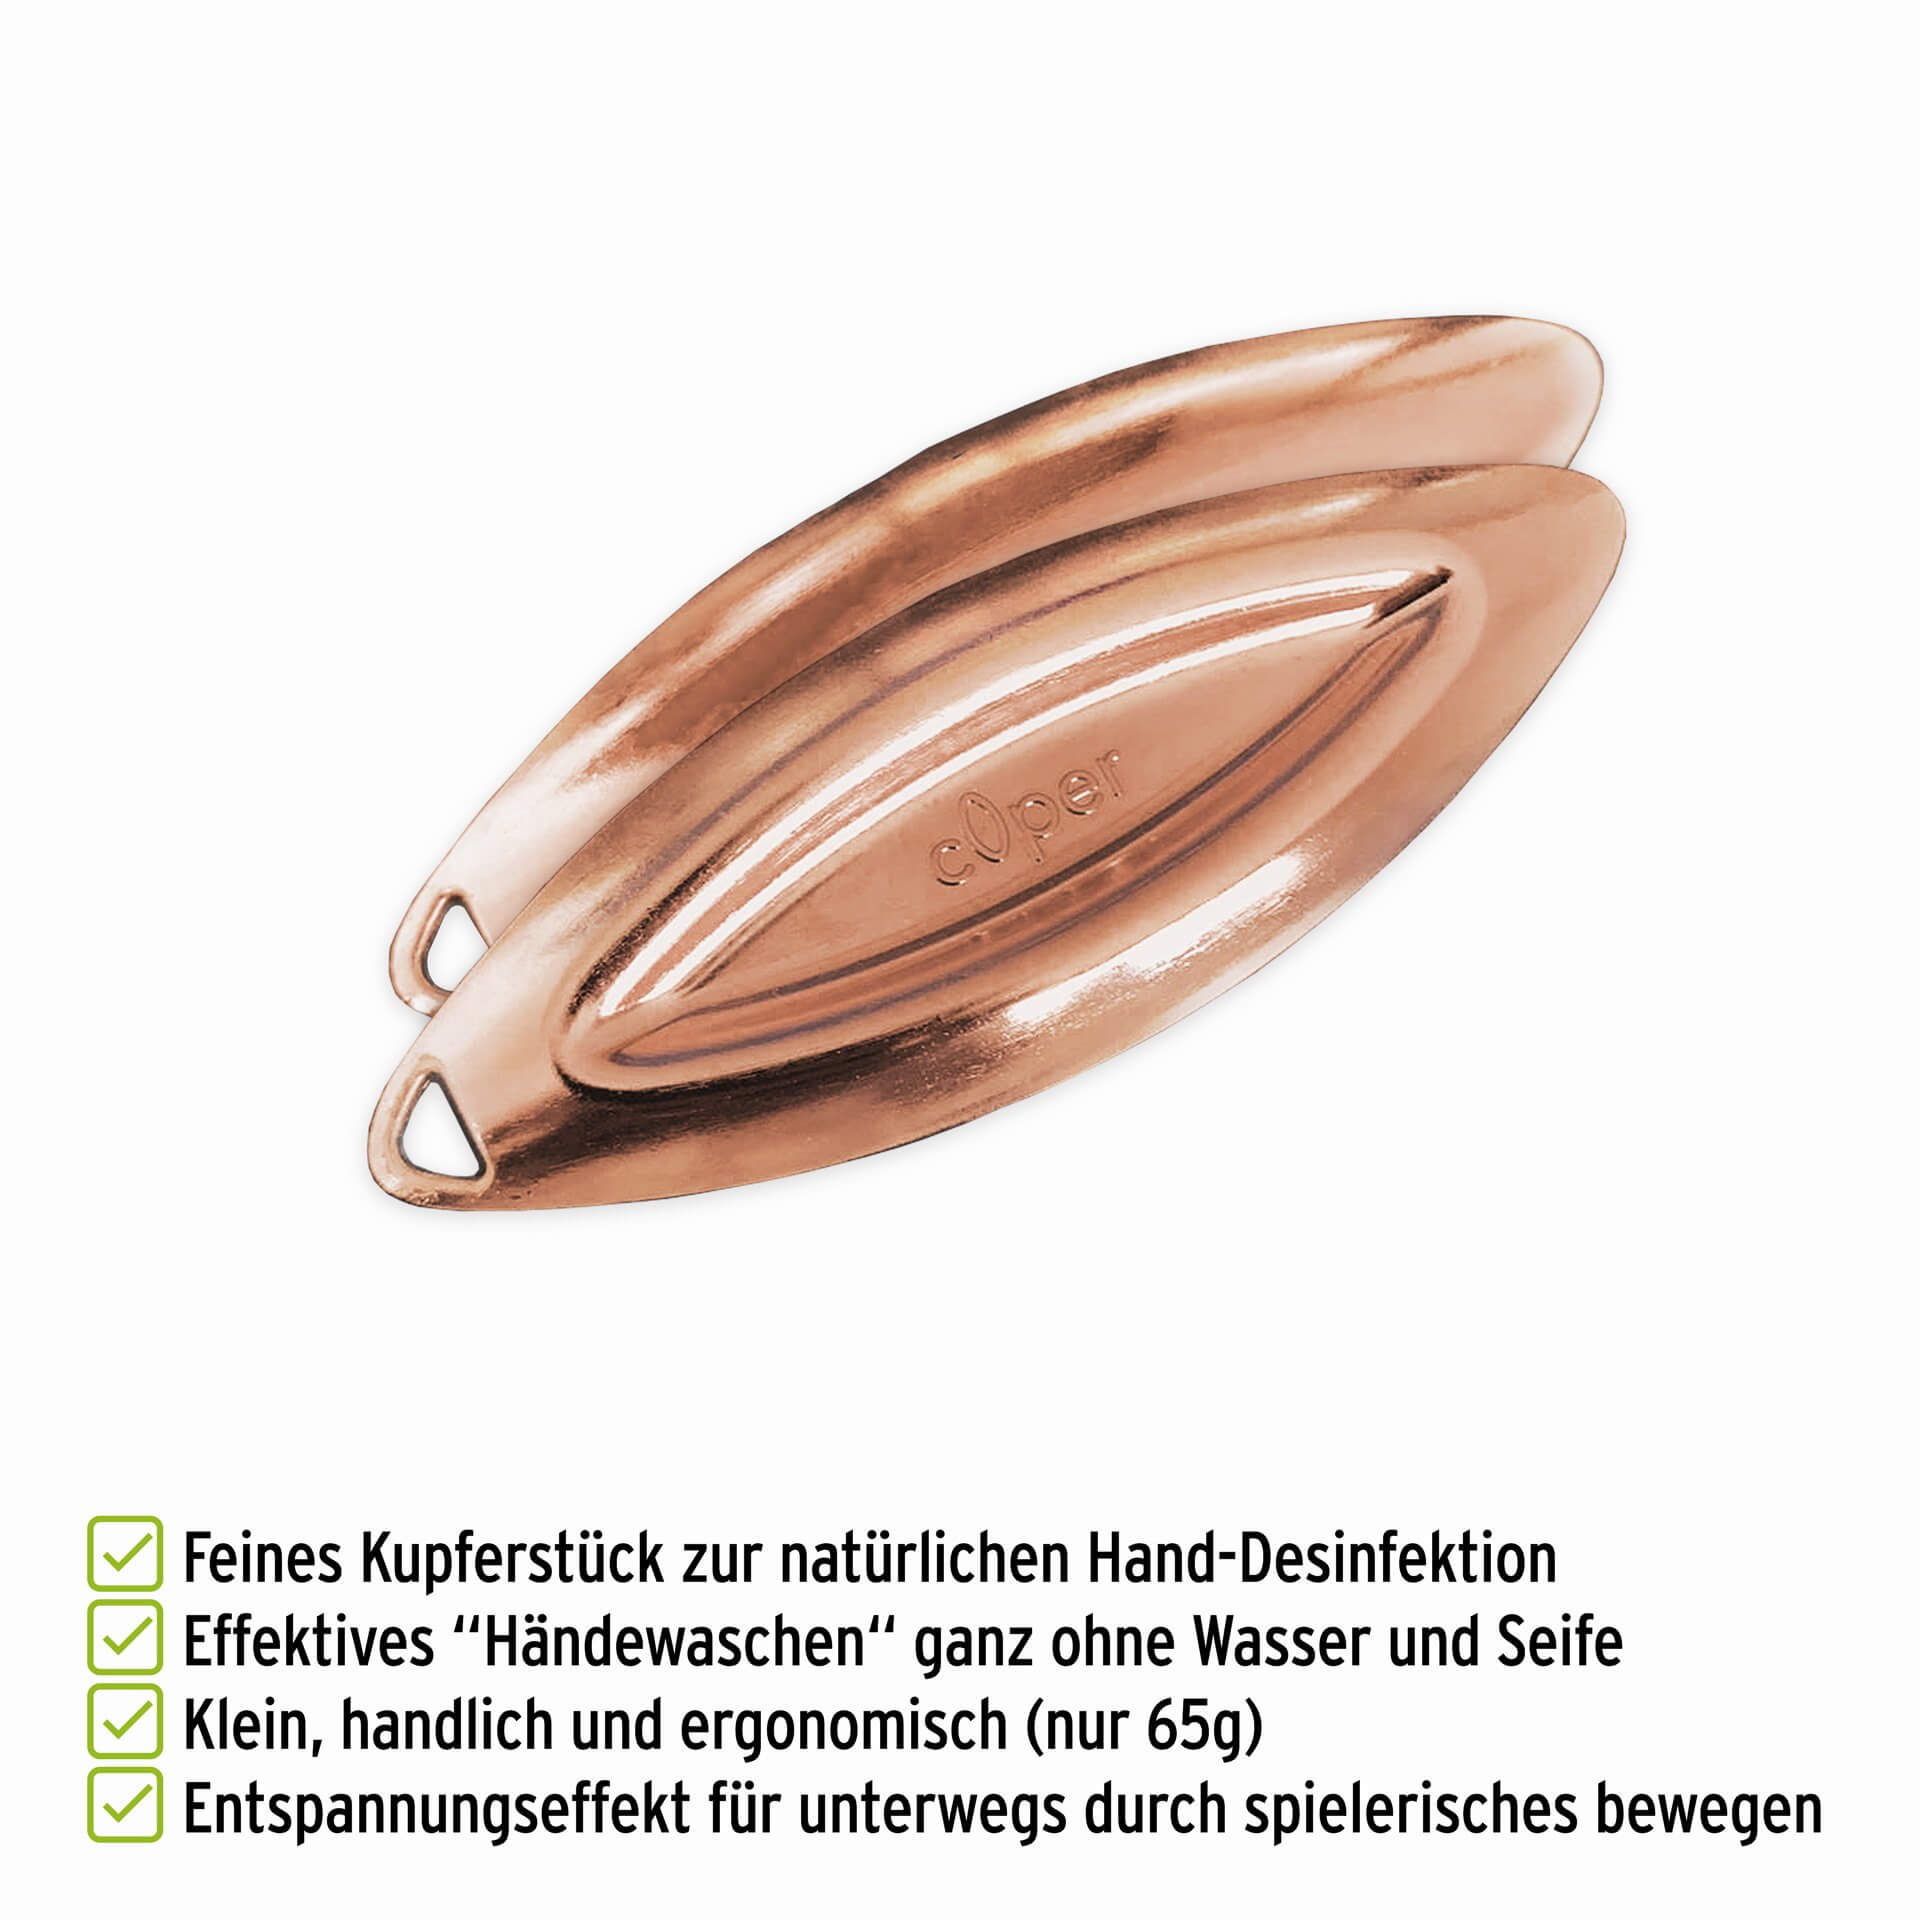 c0per Kupferstueck mit Vorteilen